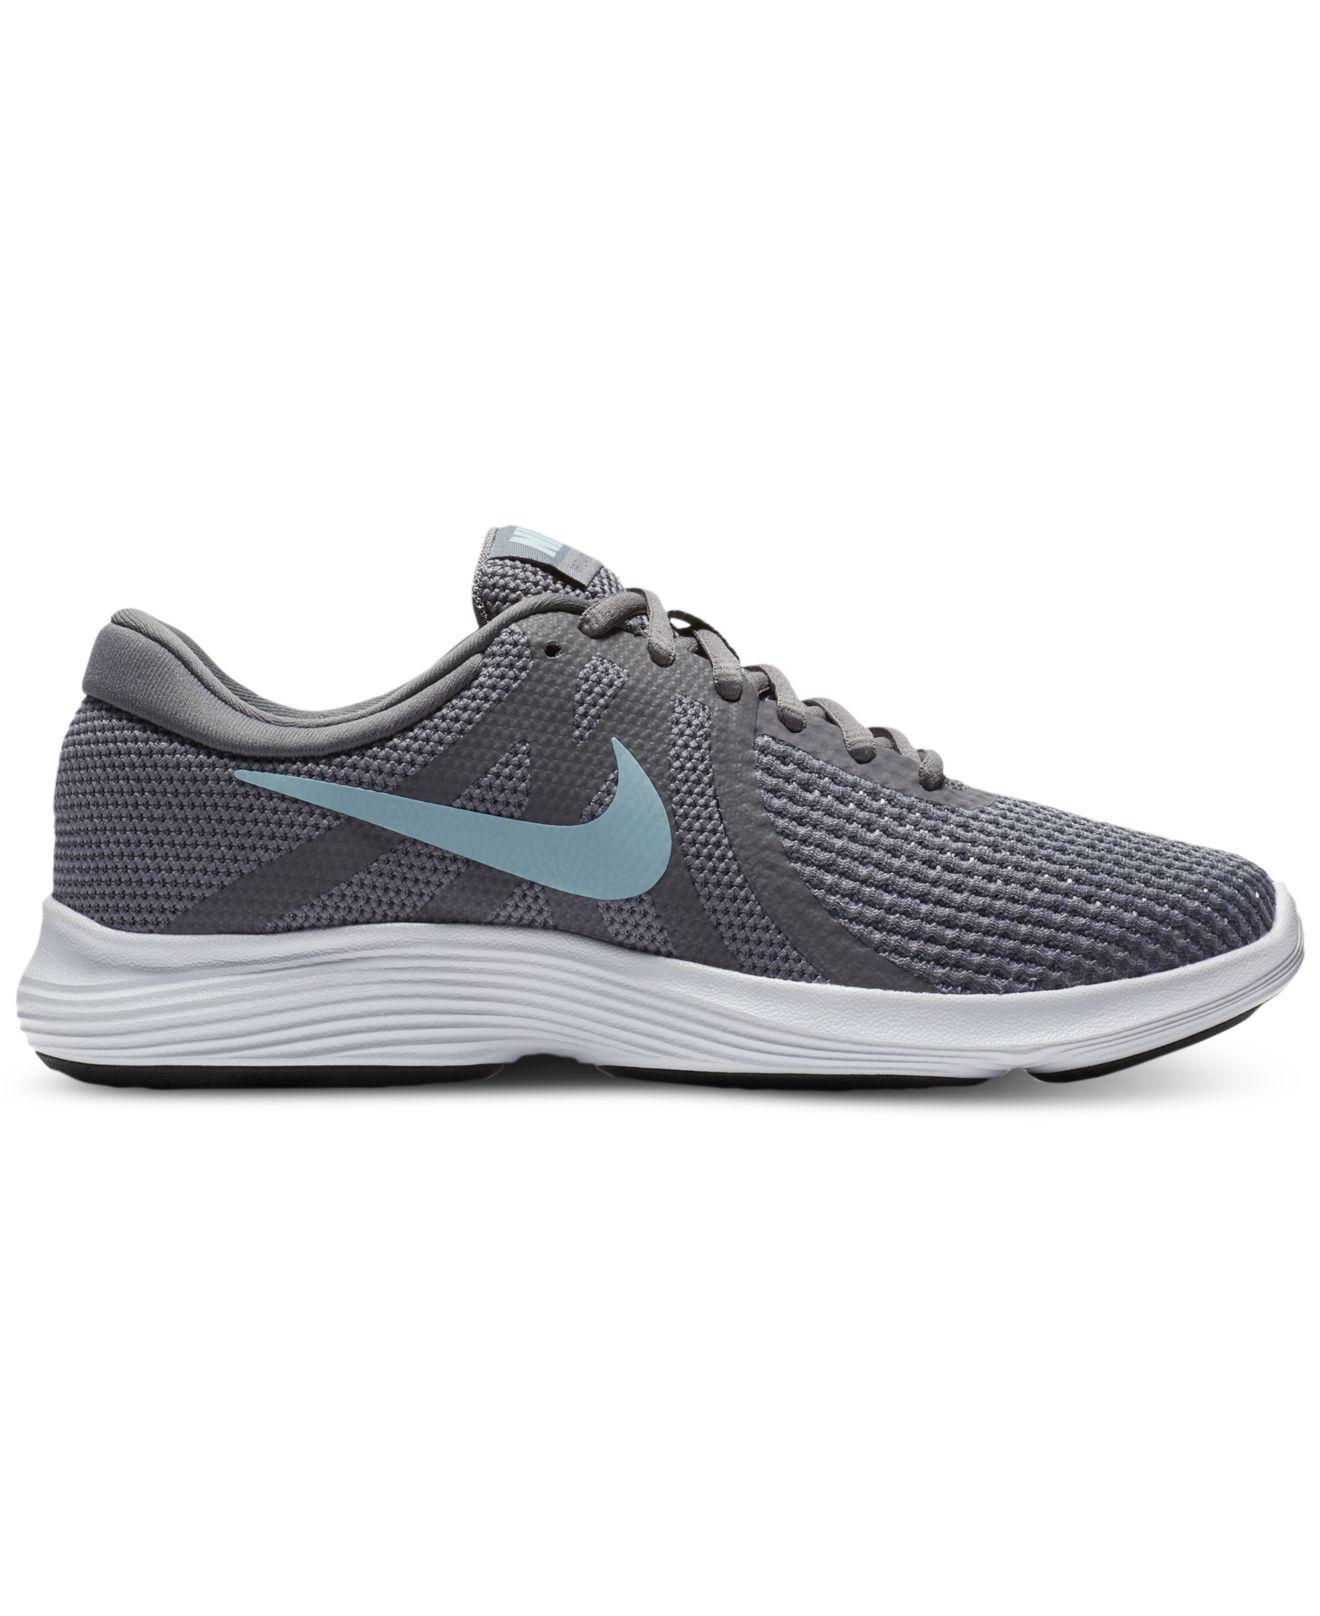 c15e462e78b5e Lyst - Nike Women s Revolution 4 Running Sneakers From Finish Line